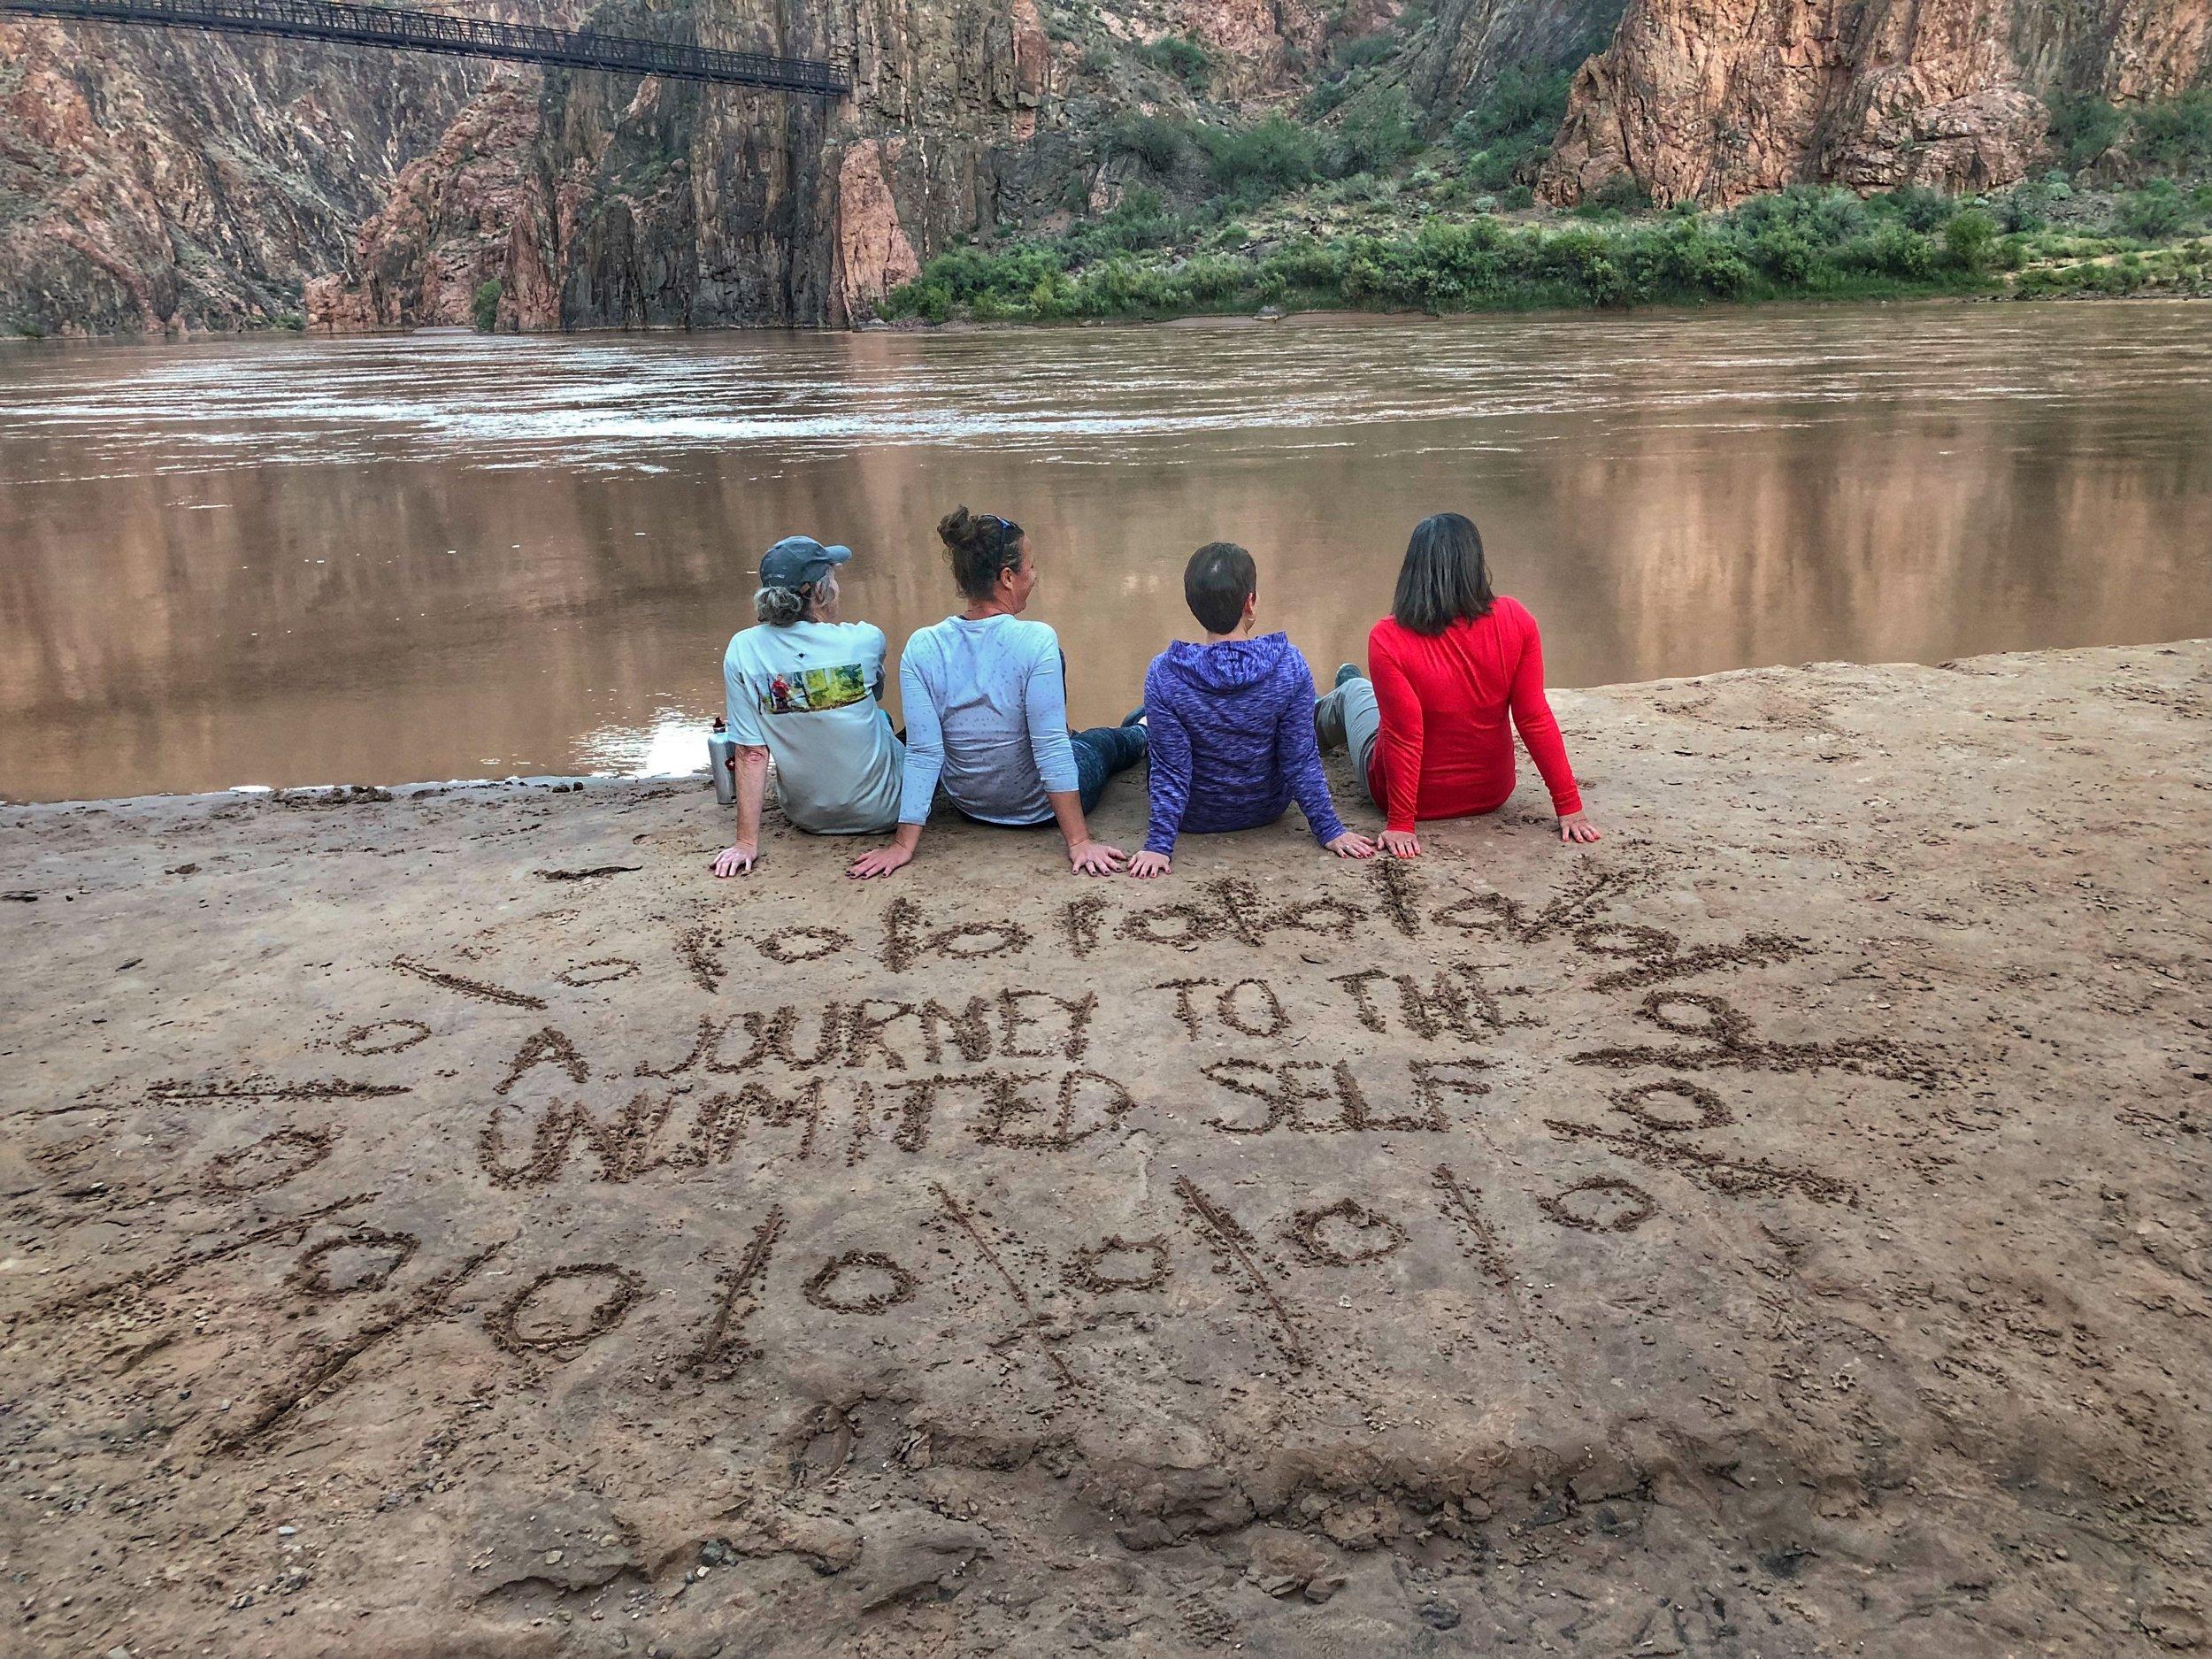 grand canyon rim to rim colorado river